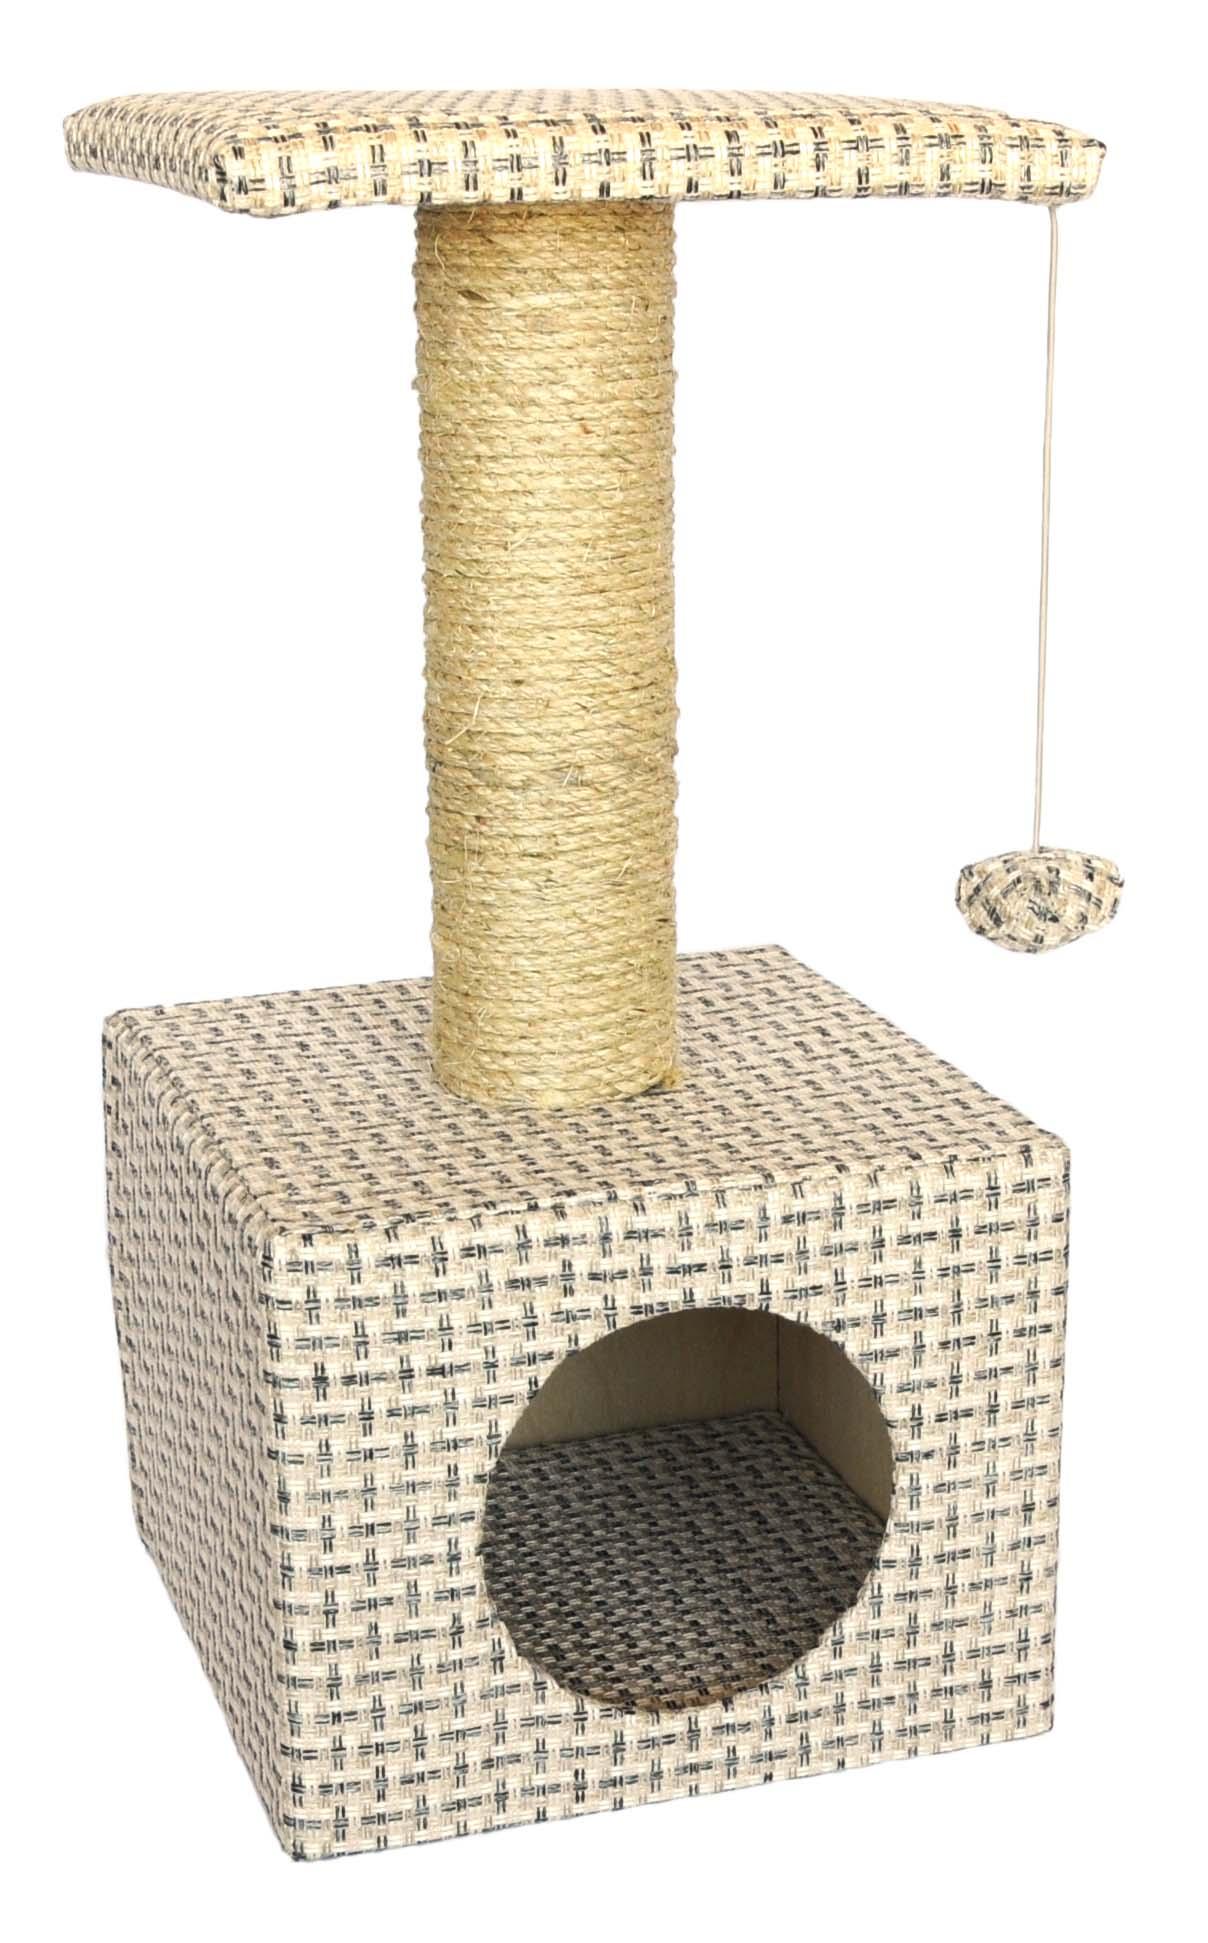 картинки когтеточек для котят скрапбукинг отличный способ